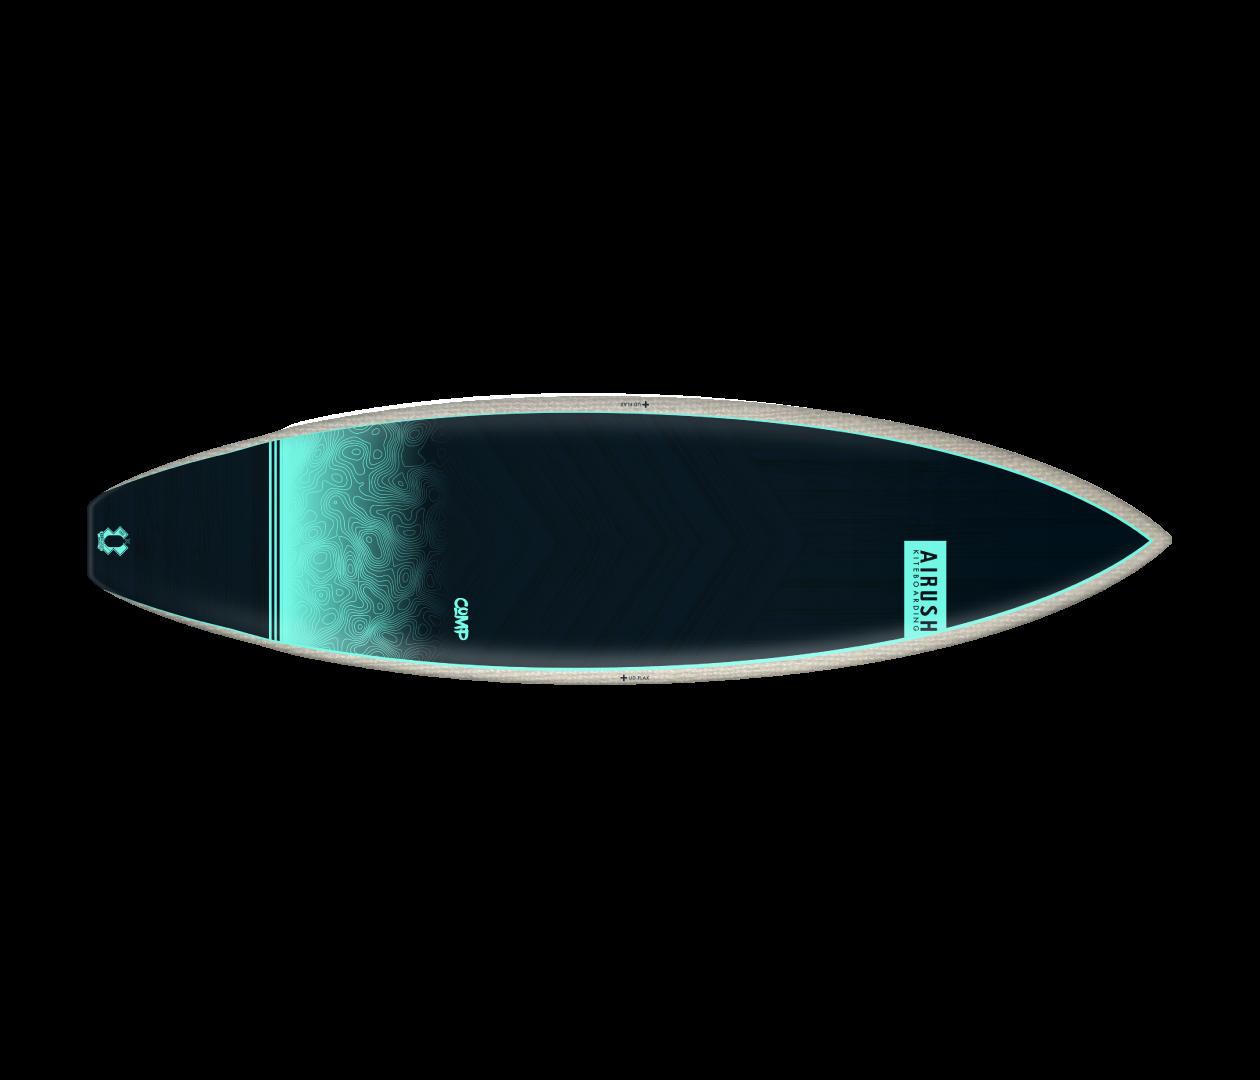 Airush 2020 Kiteboards